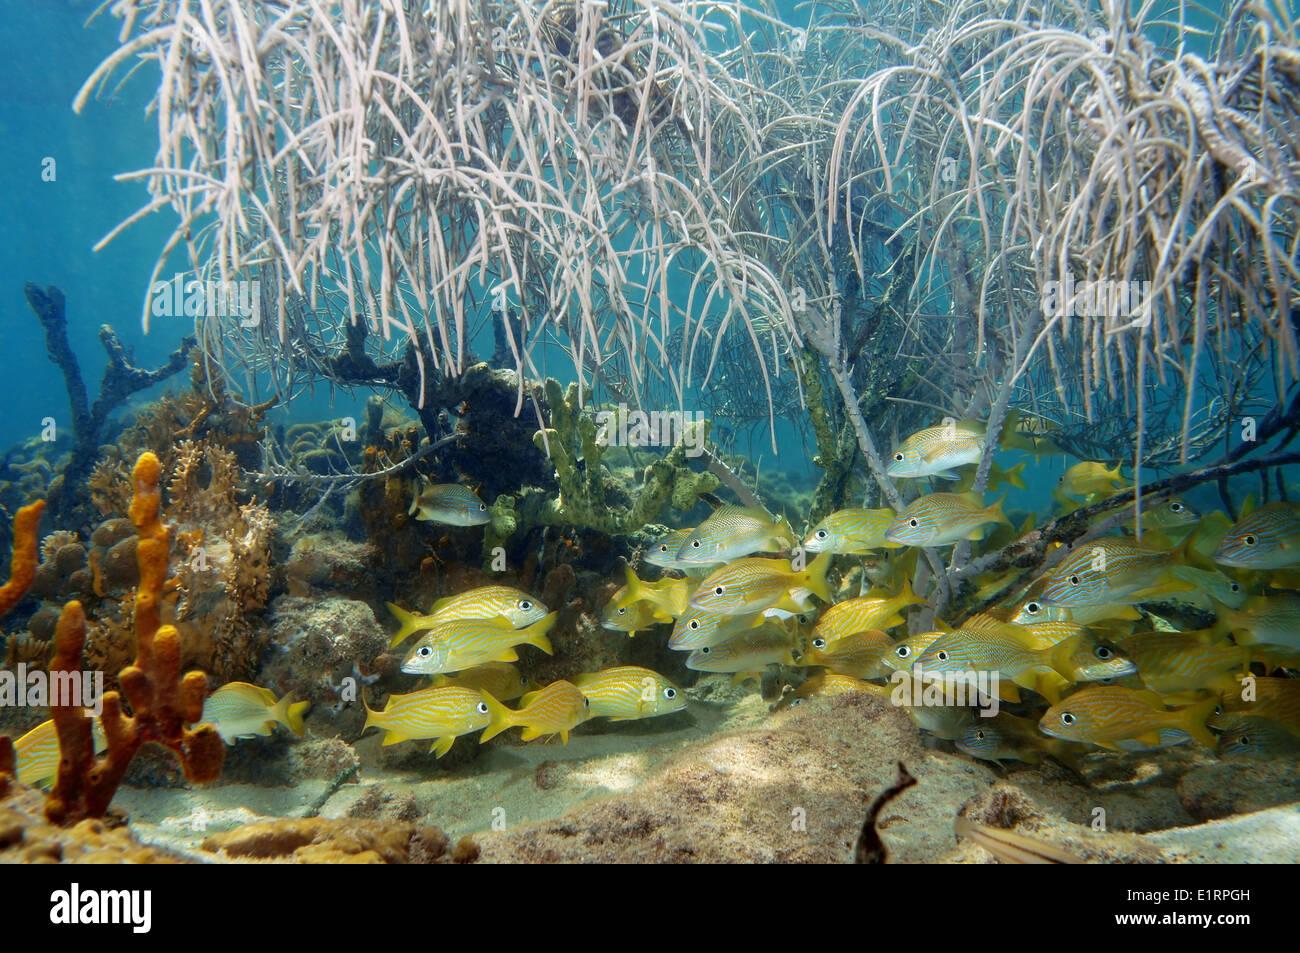 Un banc de poissons sous la mer grunt gorgones panache dans un récif de corail, de l'océan Atlantique Photo Stock